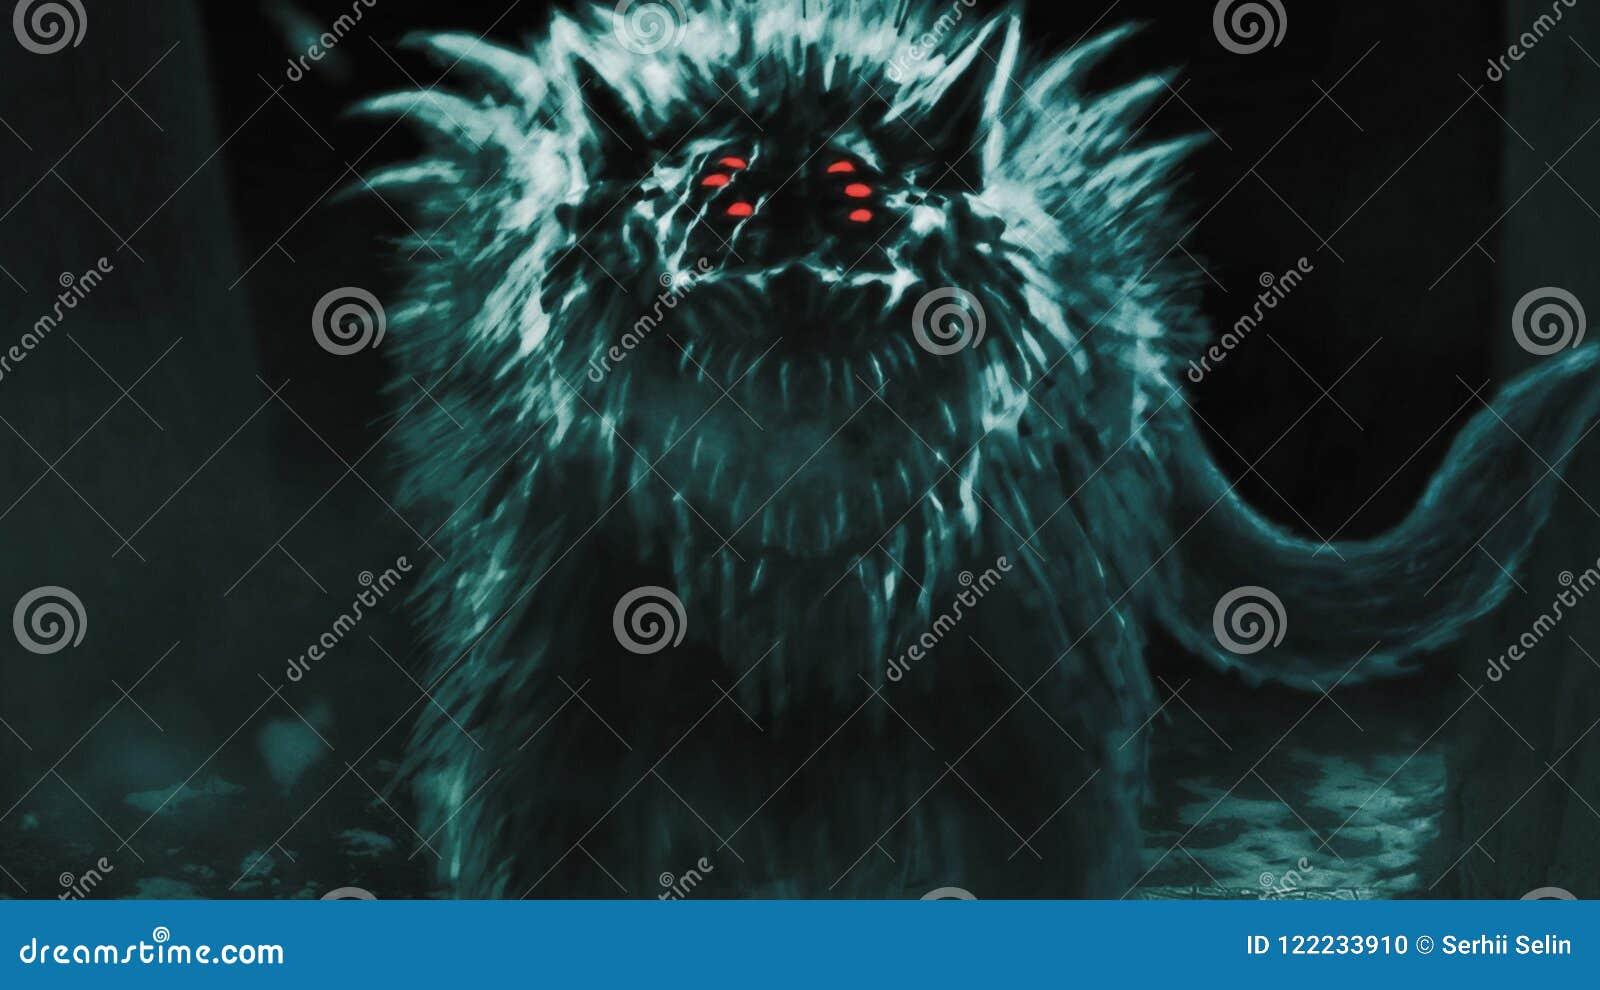 Le loup étranger émerge de la forêt foncée et ouvre sa bouche